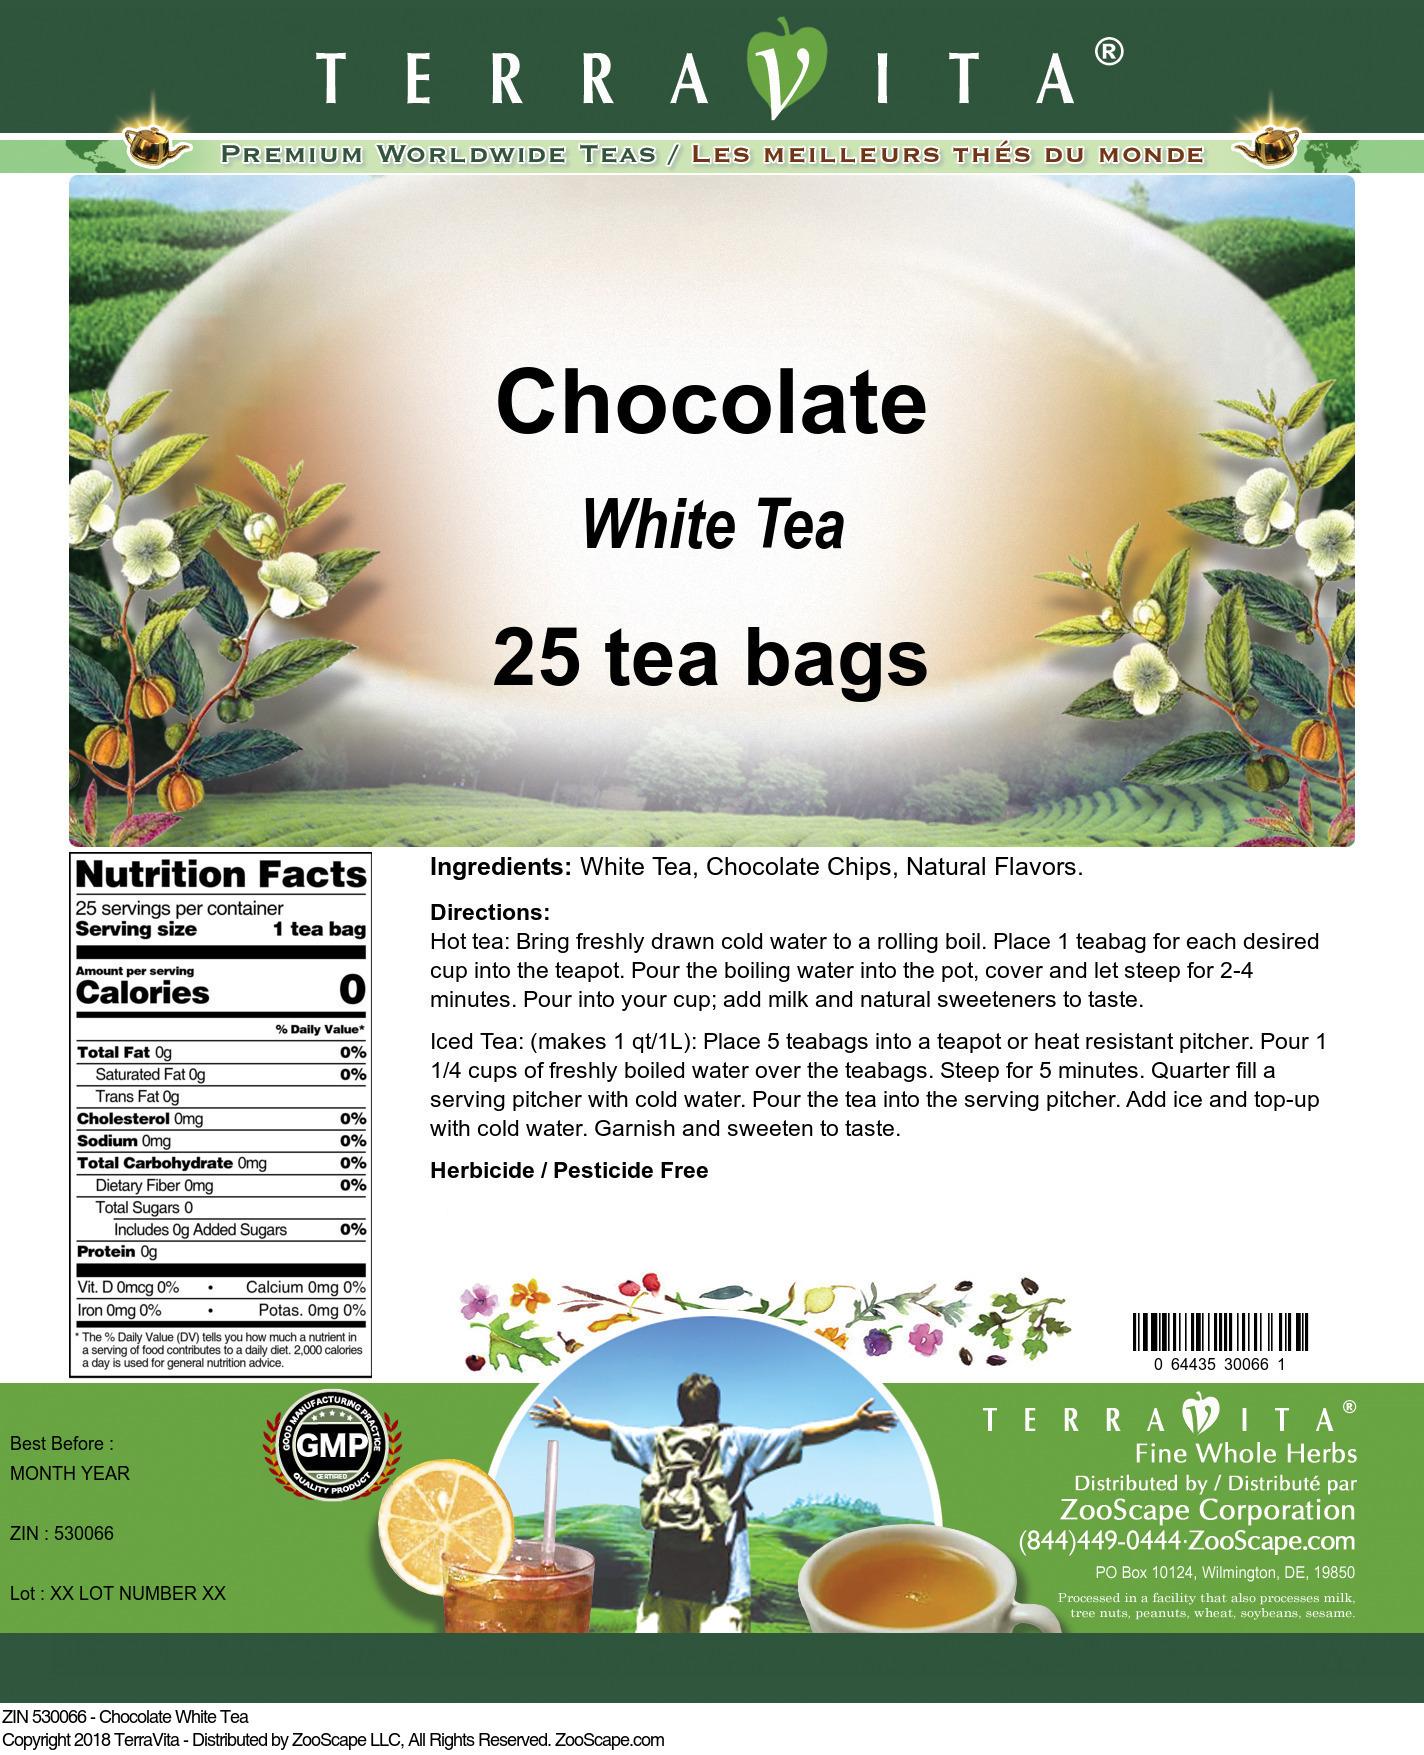 Chocolate White Tea